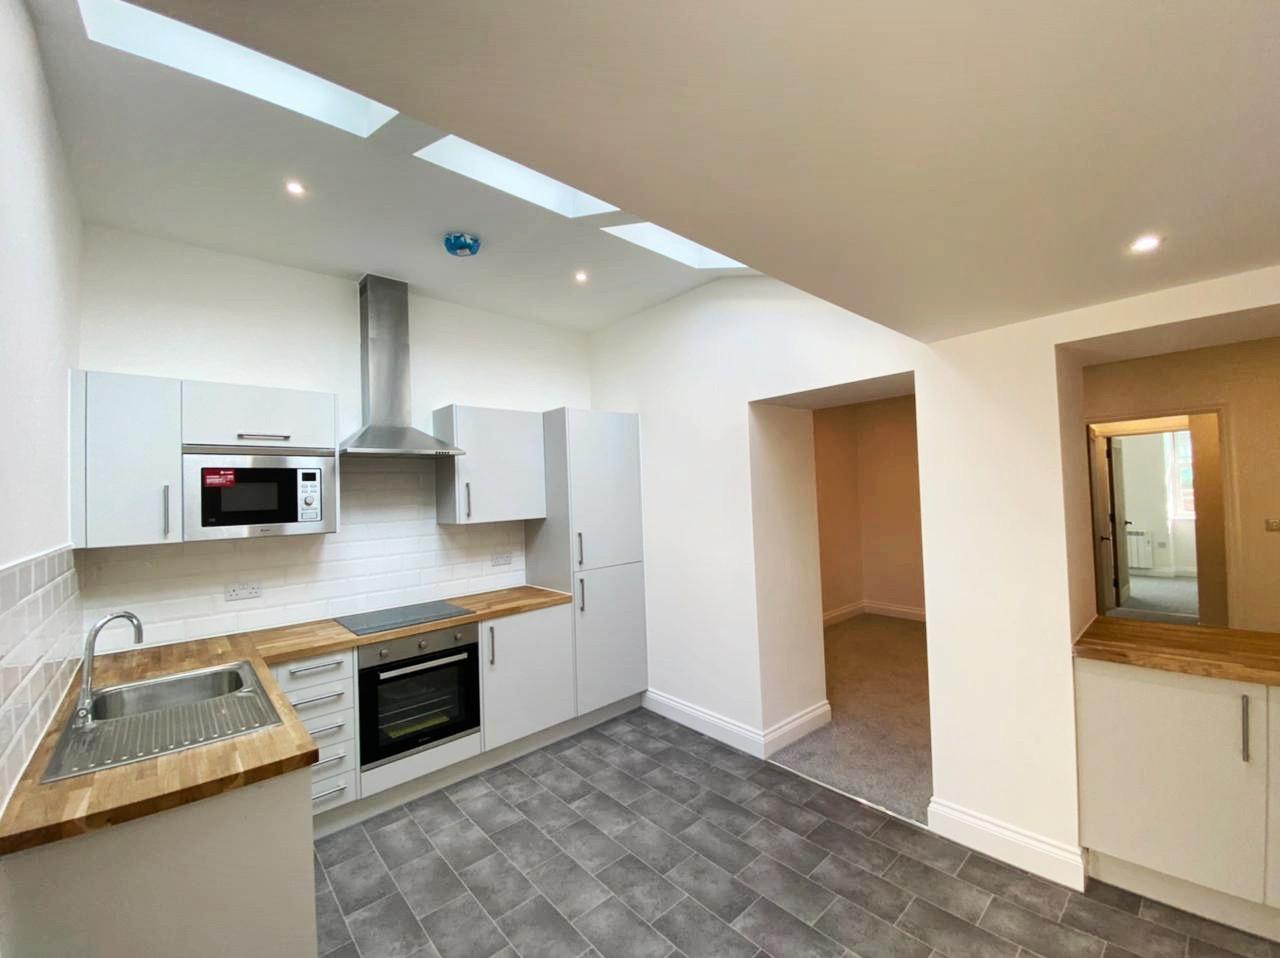 Ground Floor Completely Renovated Brand New 2 Bedroom, Garden Apartment on Roseville Street